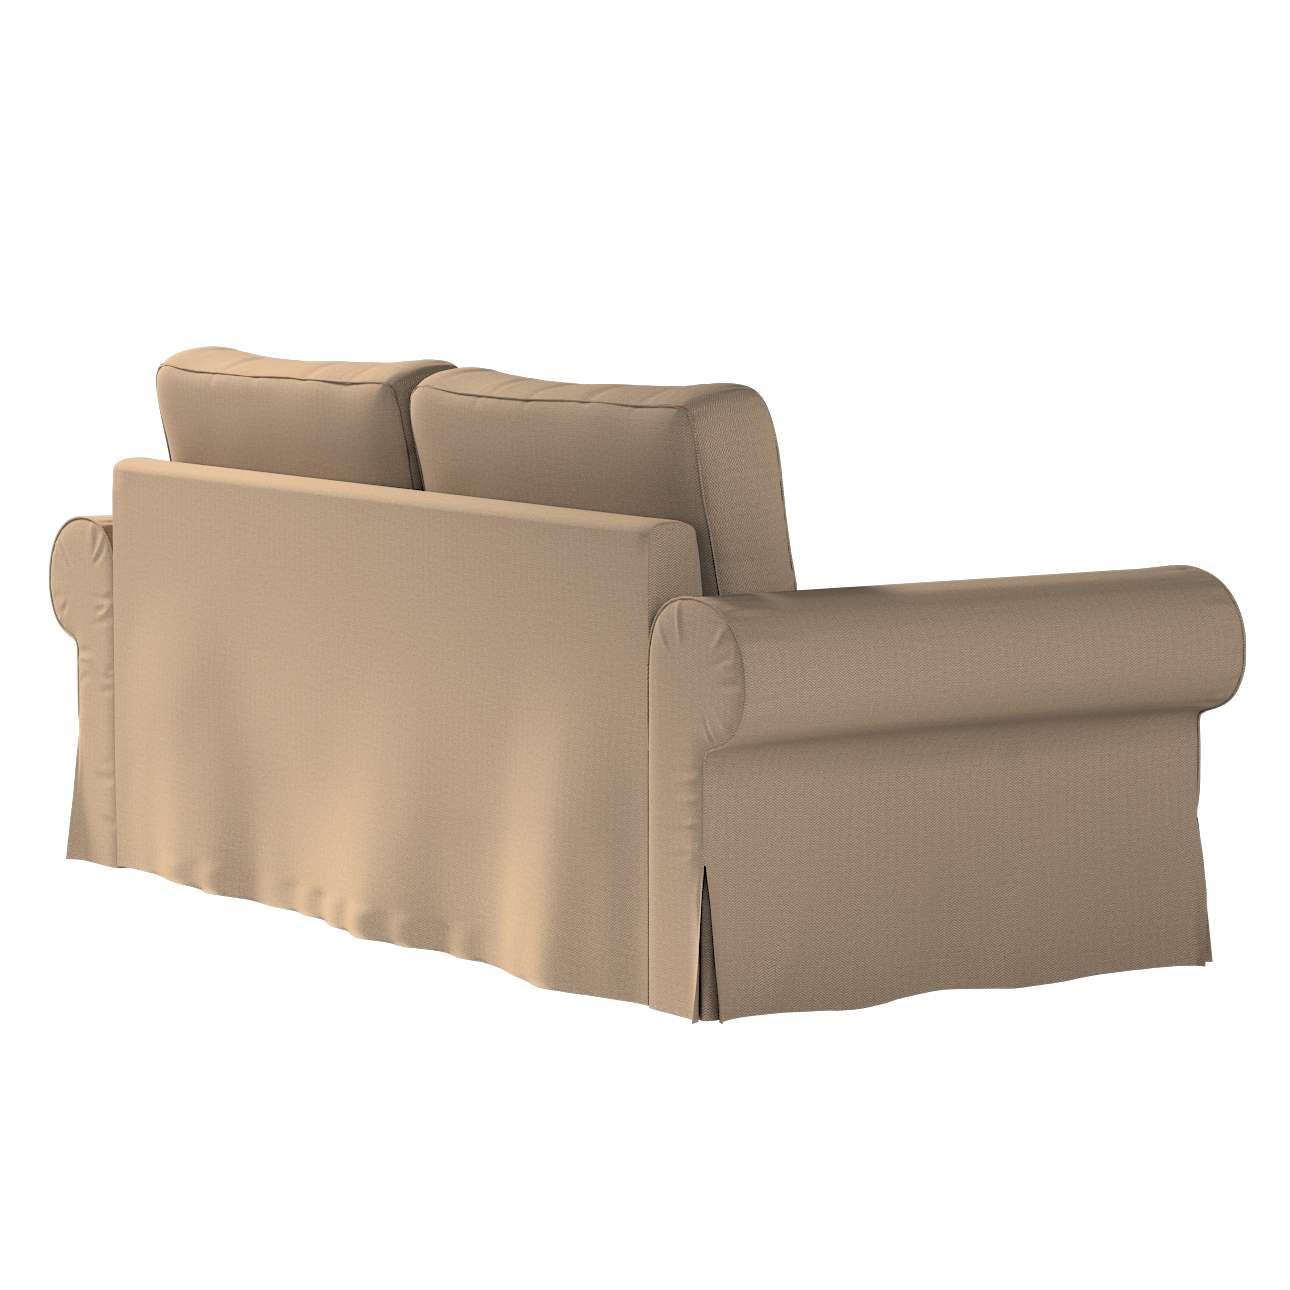 Bezug für Backabro 3-Sitzer Sofa ausklappbar von der Kollektion Bergen, Stoff: 161-85